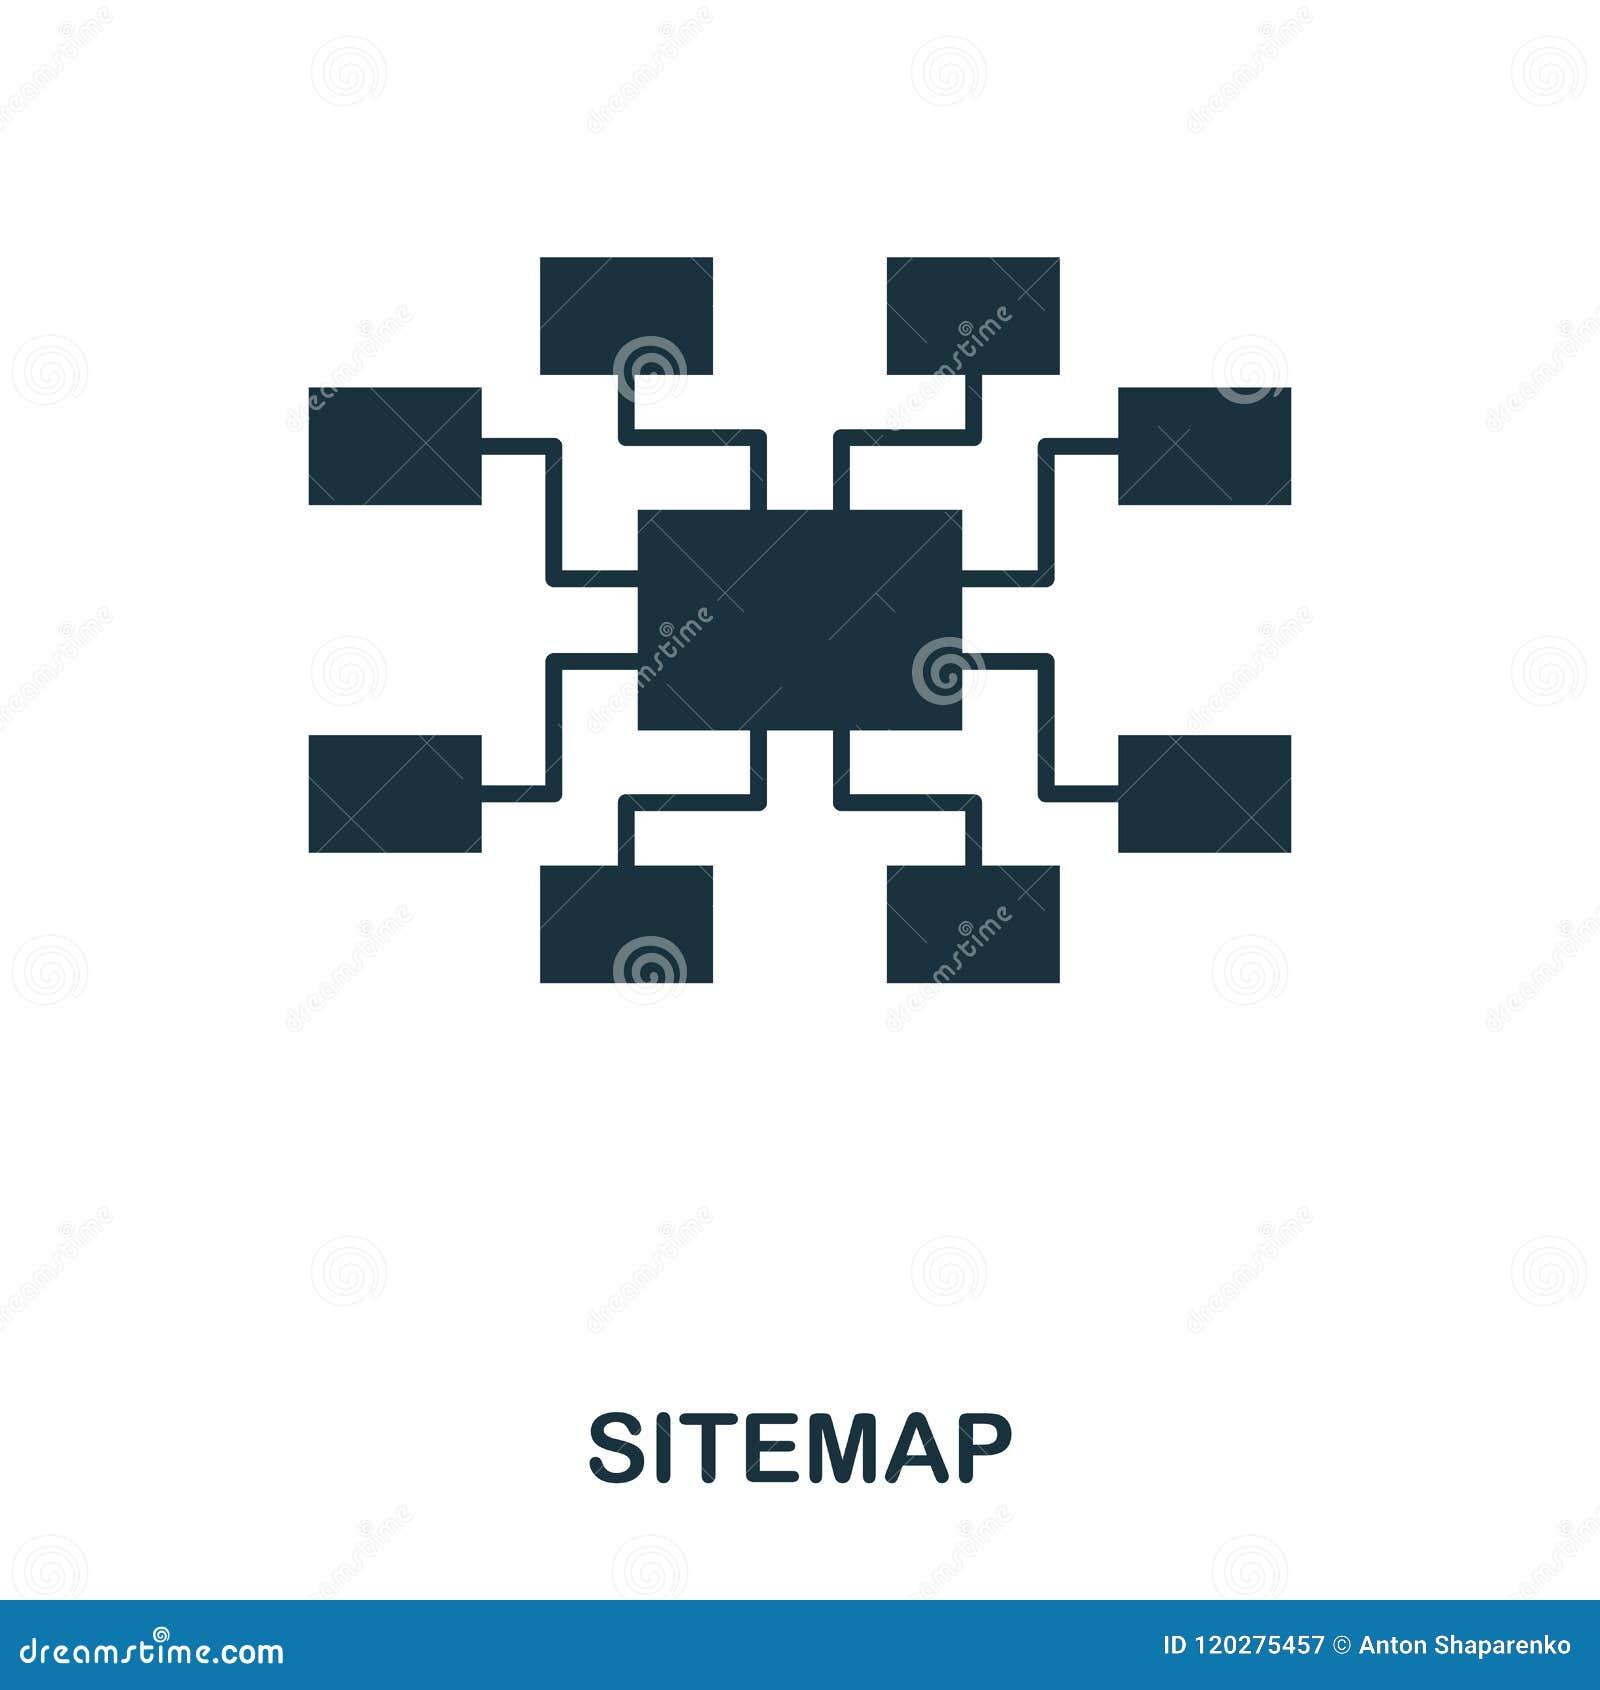 Sitemappictogram Het pictogramontwerp van de lijnstijl Ui Illustratie van sitemappictogram pictogram op wit wordt geïsoleerd dat